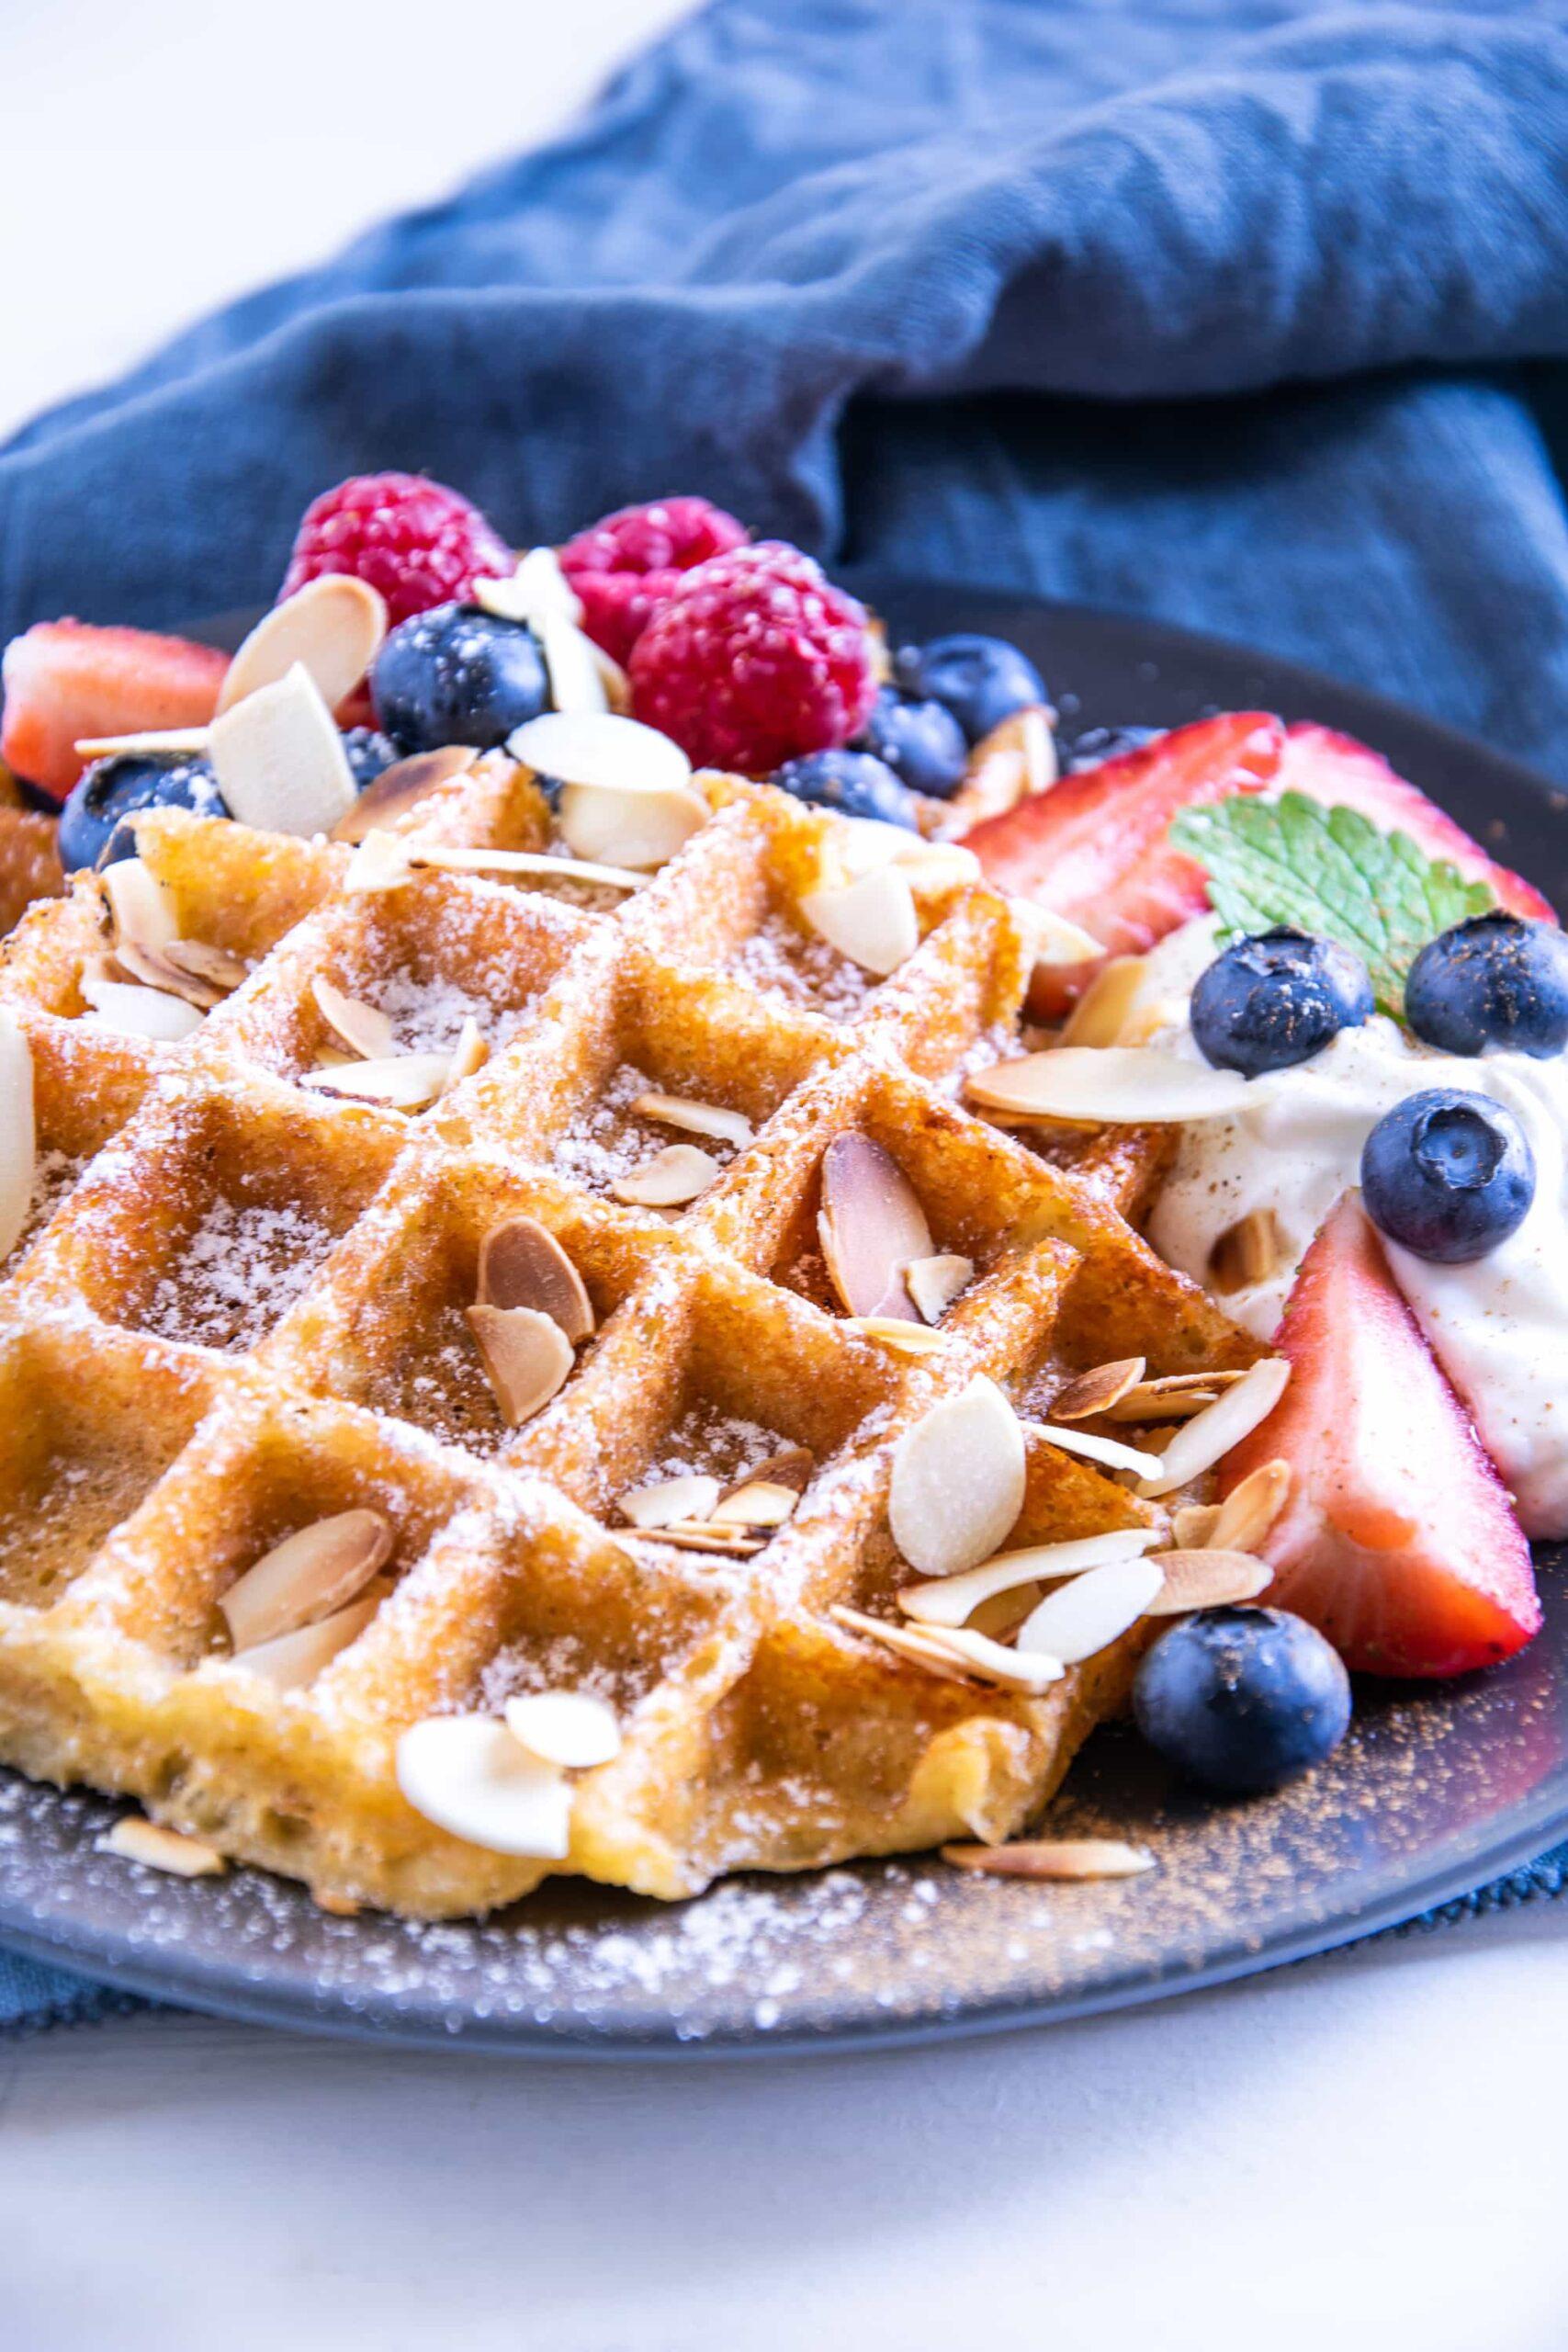 Knusprige Keto Zimt-Chaffles mit griechischem Sahnejoghurt, Beeren, gerösteten Mandelblättchen, Minze- und Melisseblättern auf einem schwarzen Teller mit einem dunkelblauen Leinentuch darunter. Aufnahme im 45°-Winkel.